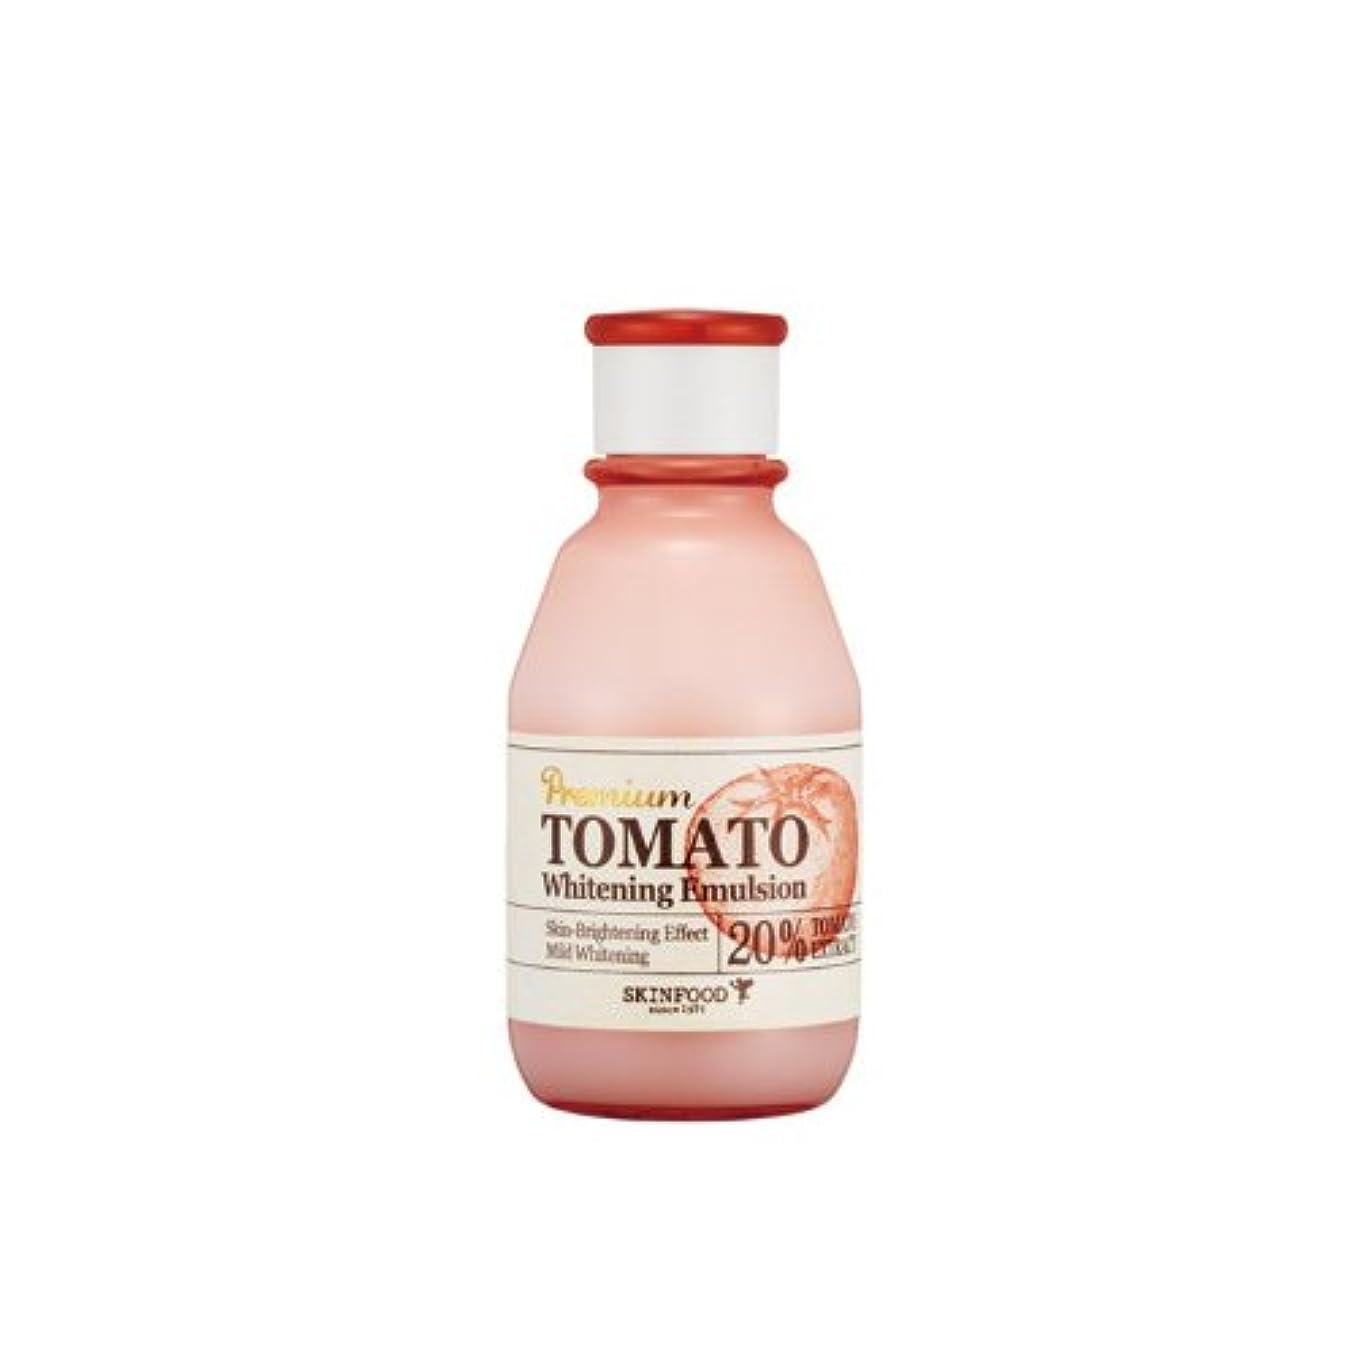 膨らませる長くする炭水化物スキンフード プレミアム トマト ホワイトニングエマルジョン [海外直送品][並行輸入品]